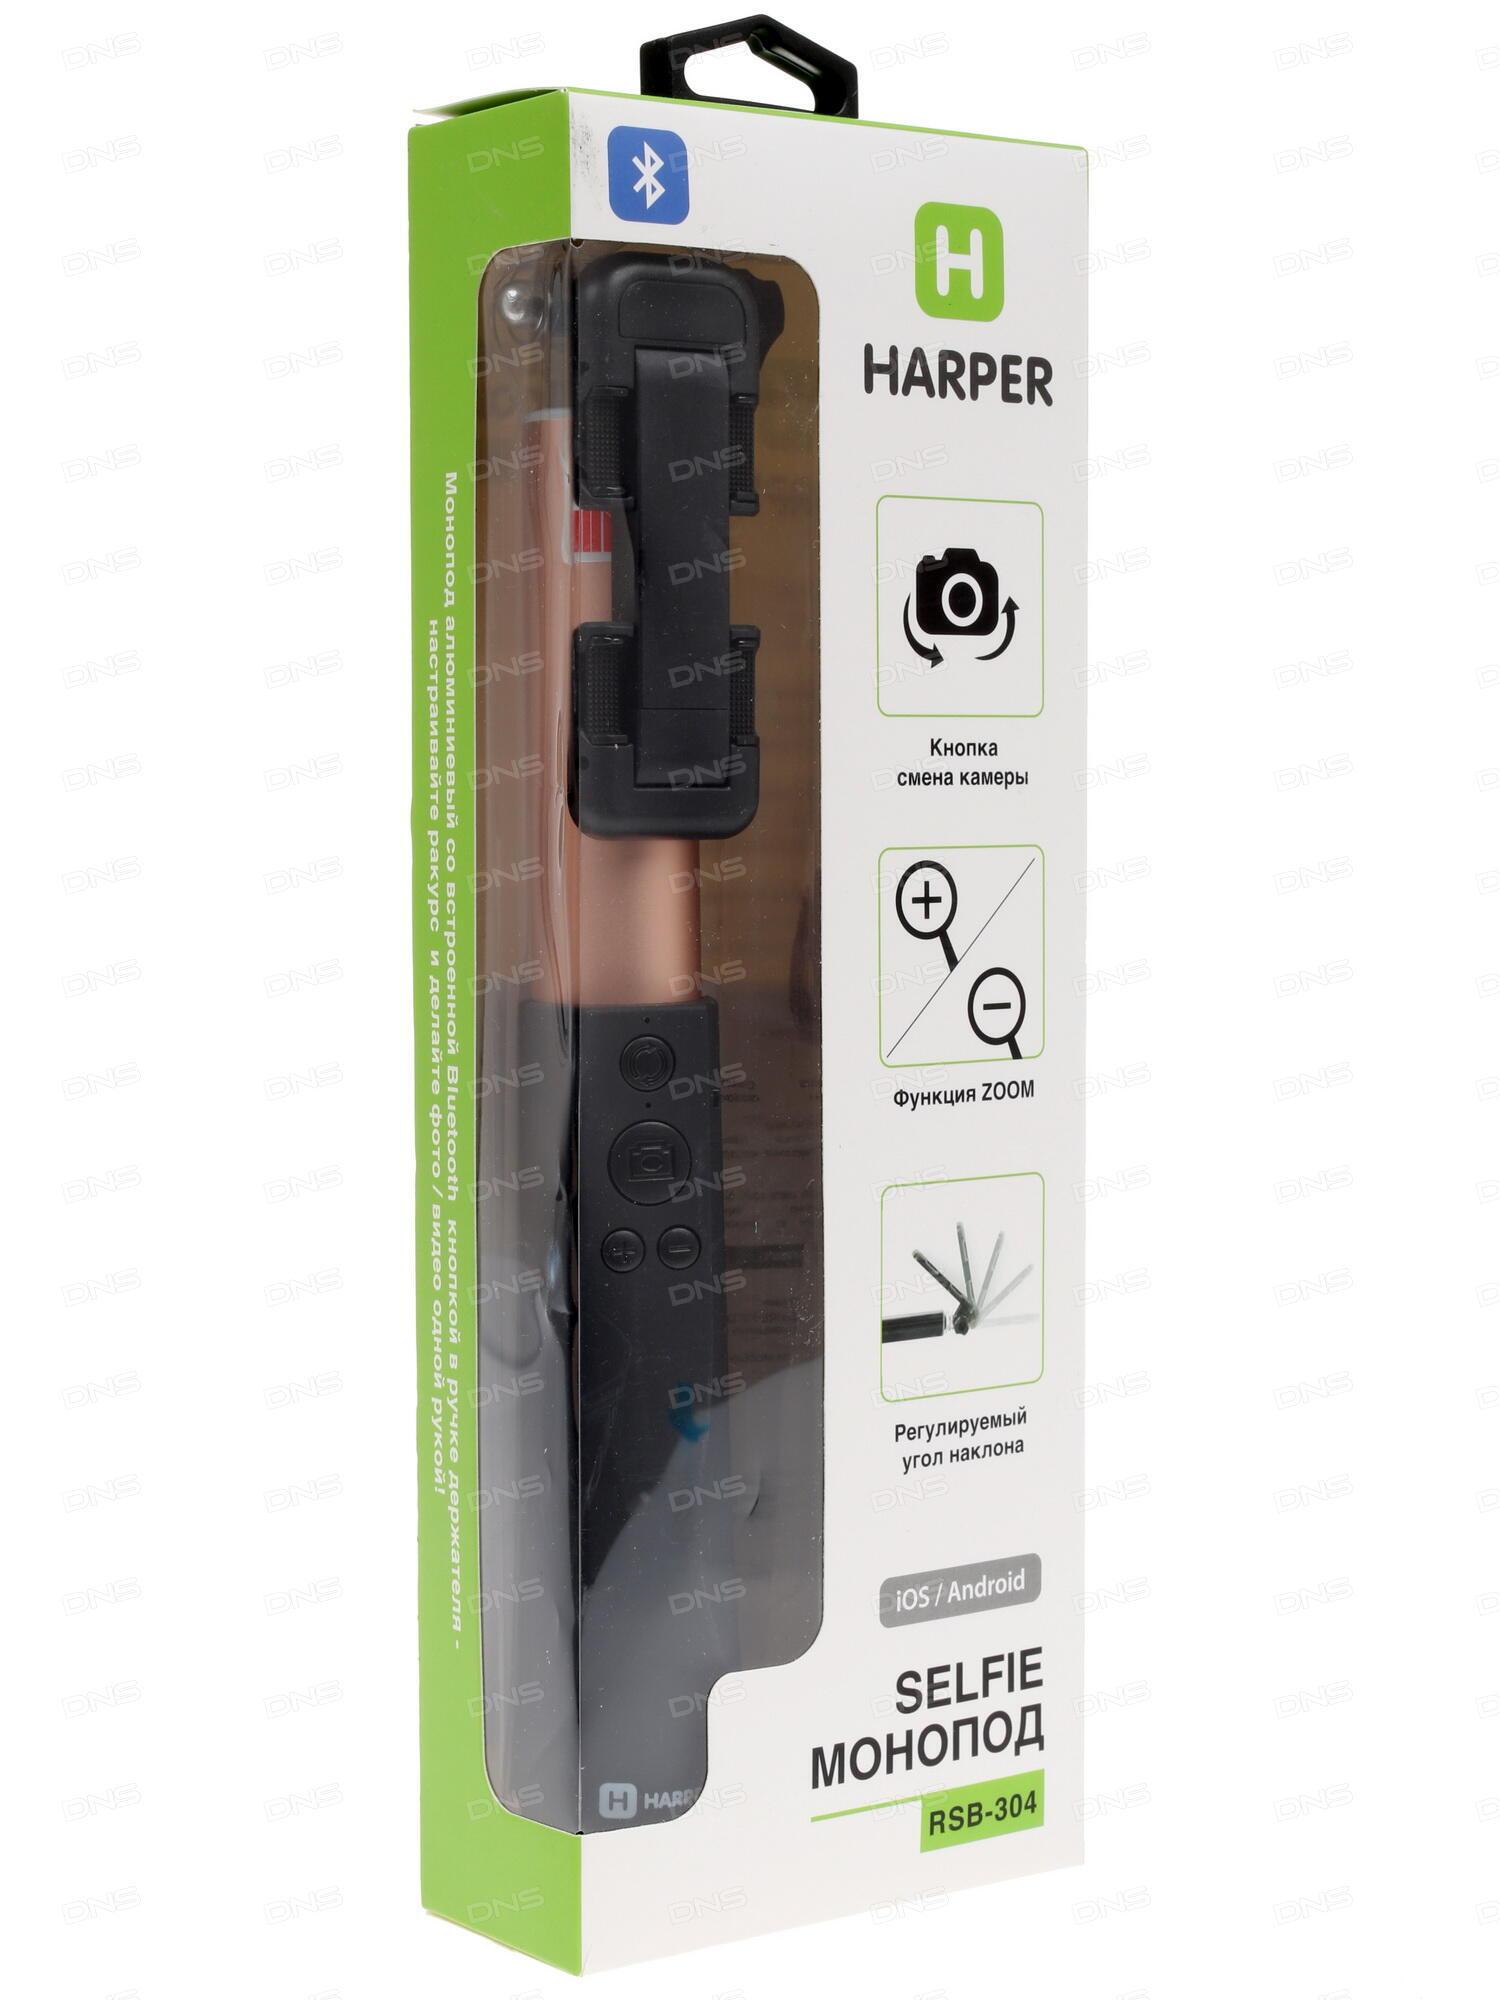 Монопод HARPER RSB-304 Gold (H00001108)